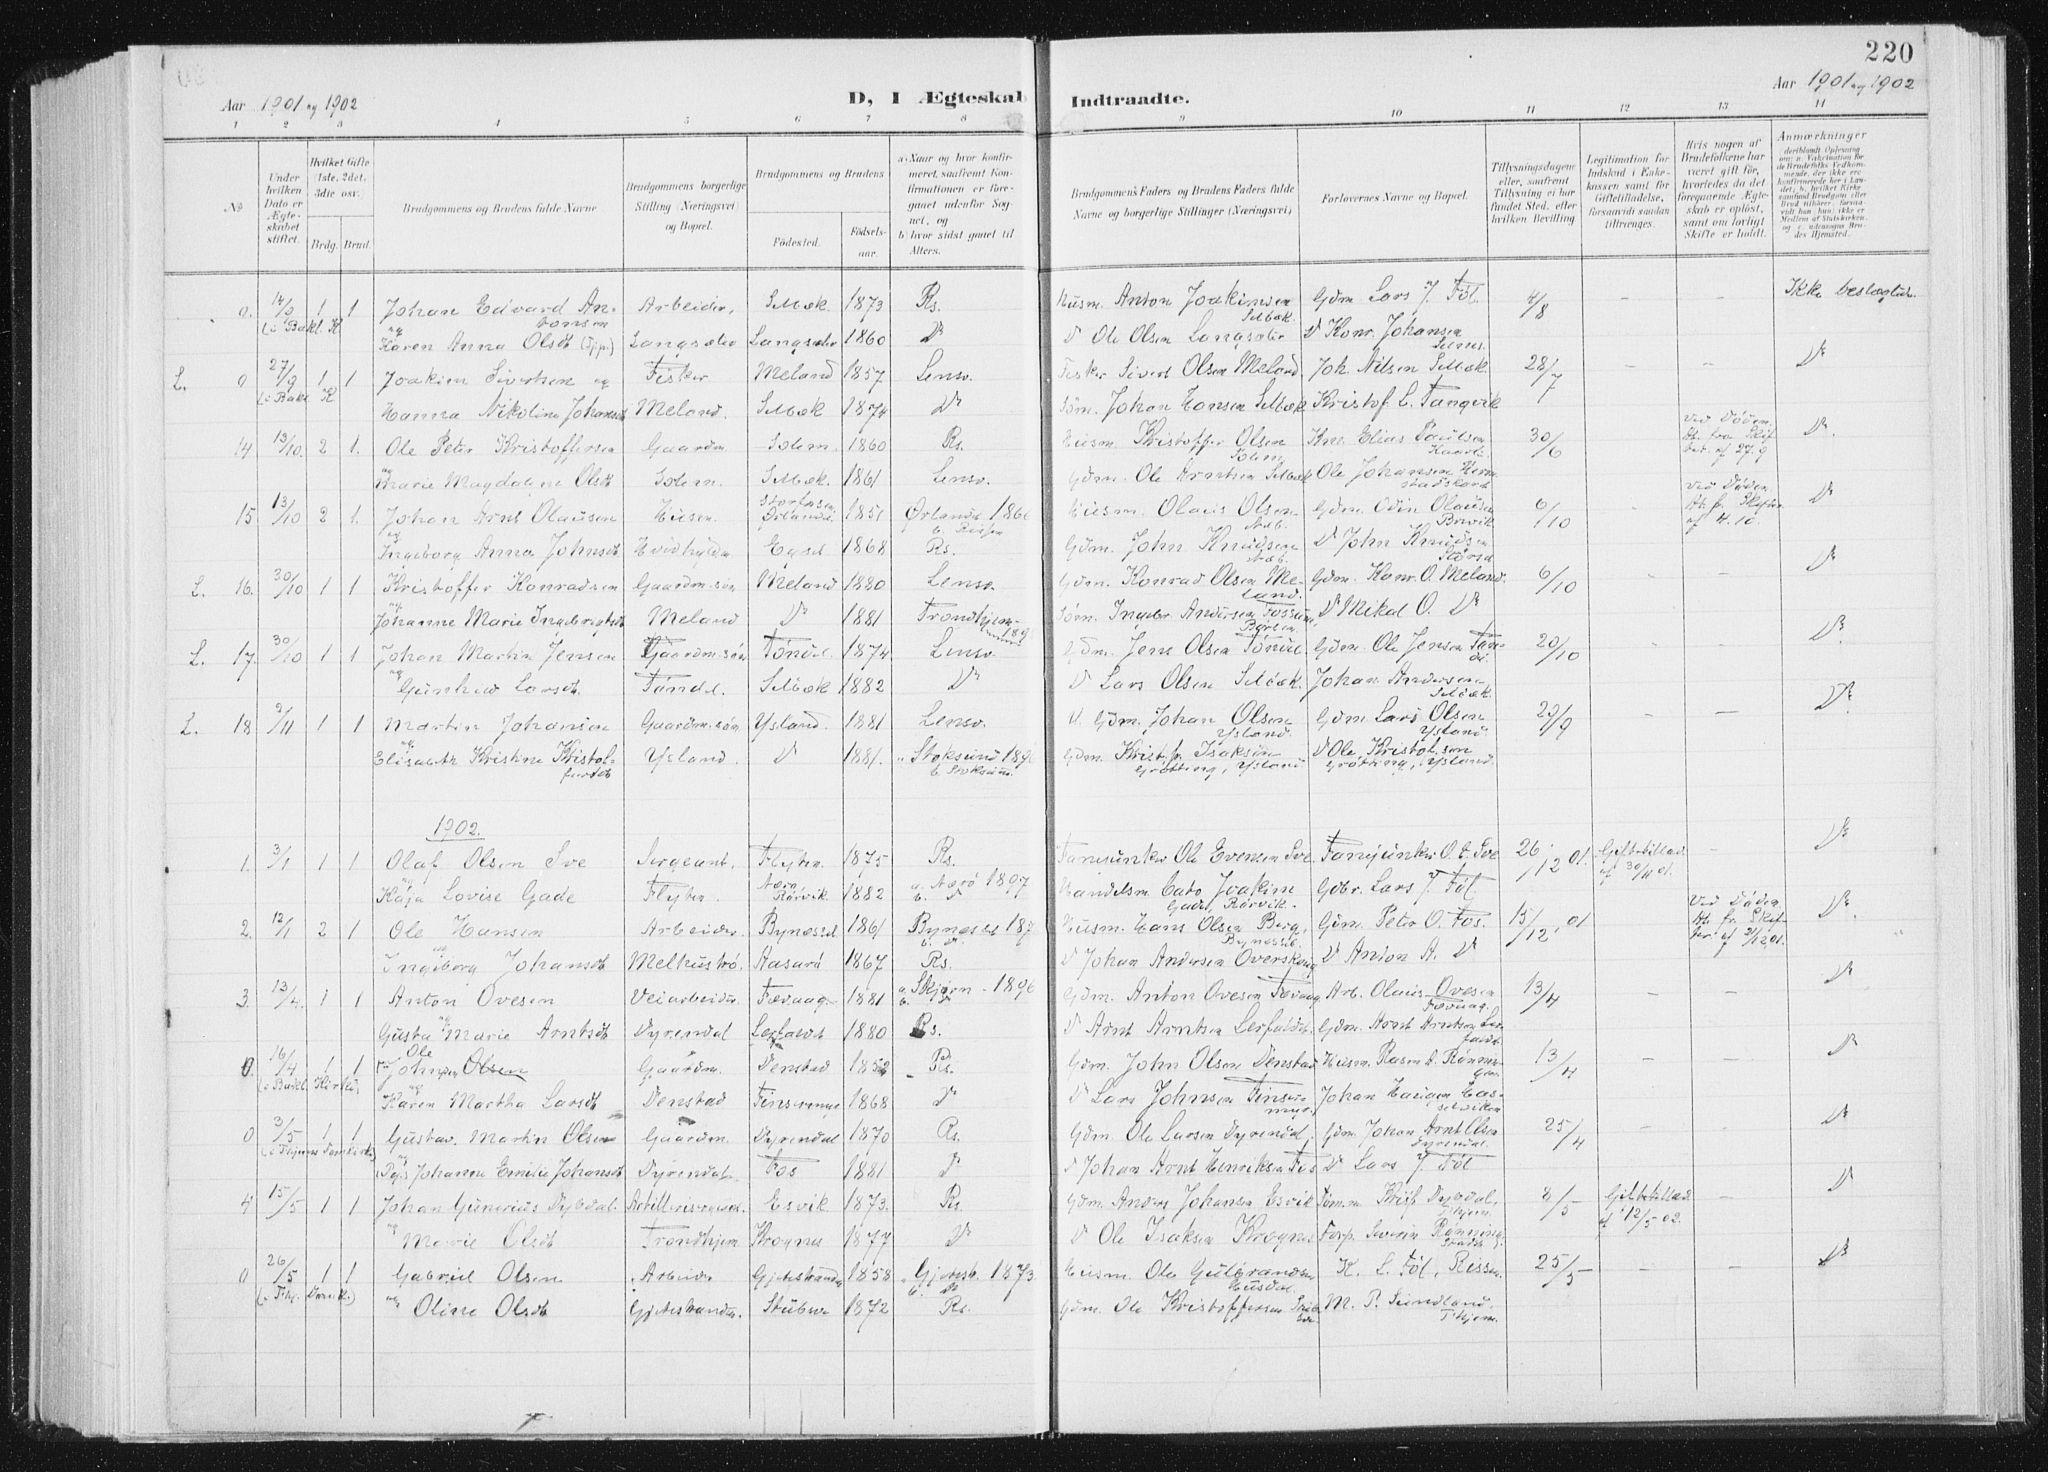 SAT, Ministerialprotokoller, klokkerbøker og fødselsregistre - Sør-Trøndelag, 647/L0635: Ministerialbok nr. 647A02, 1896-1911, s. 220